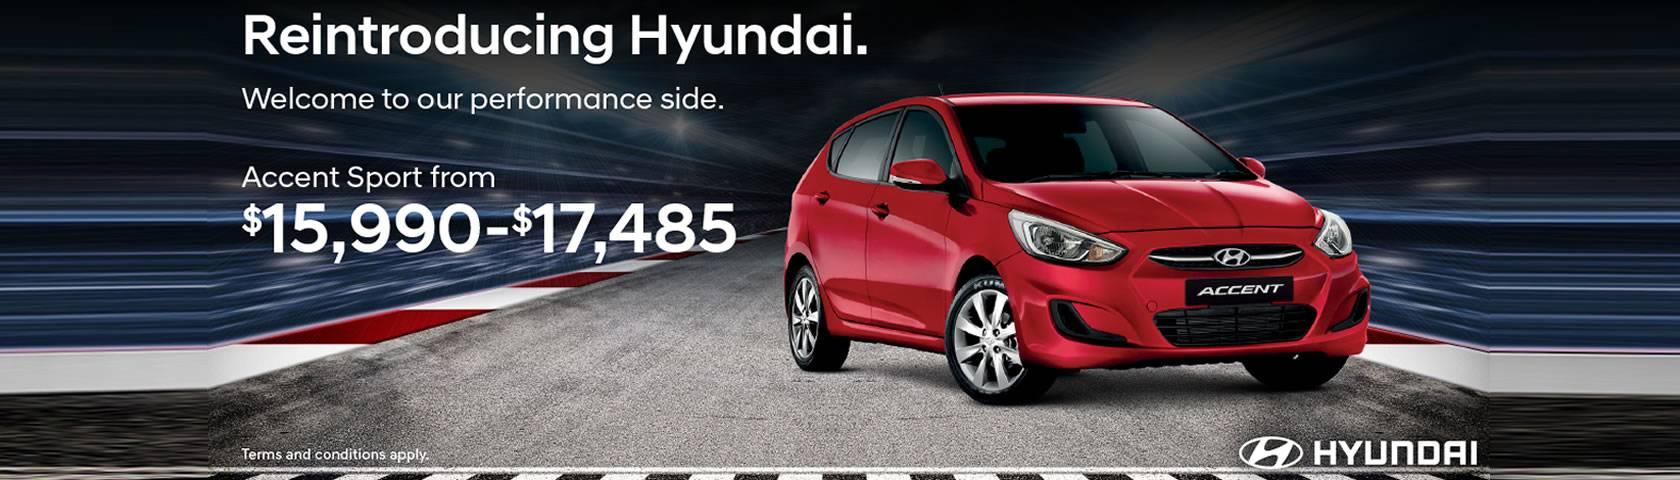 Pickerings Hyundai Models